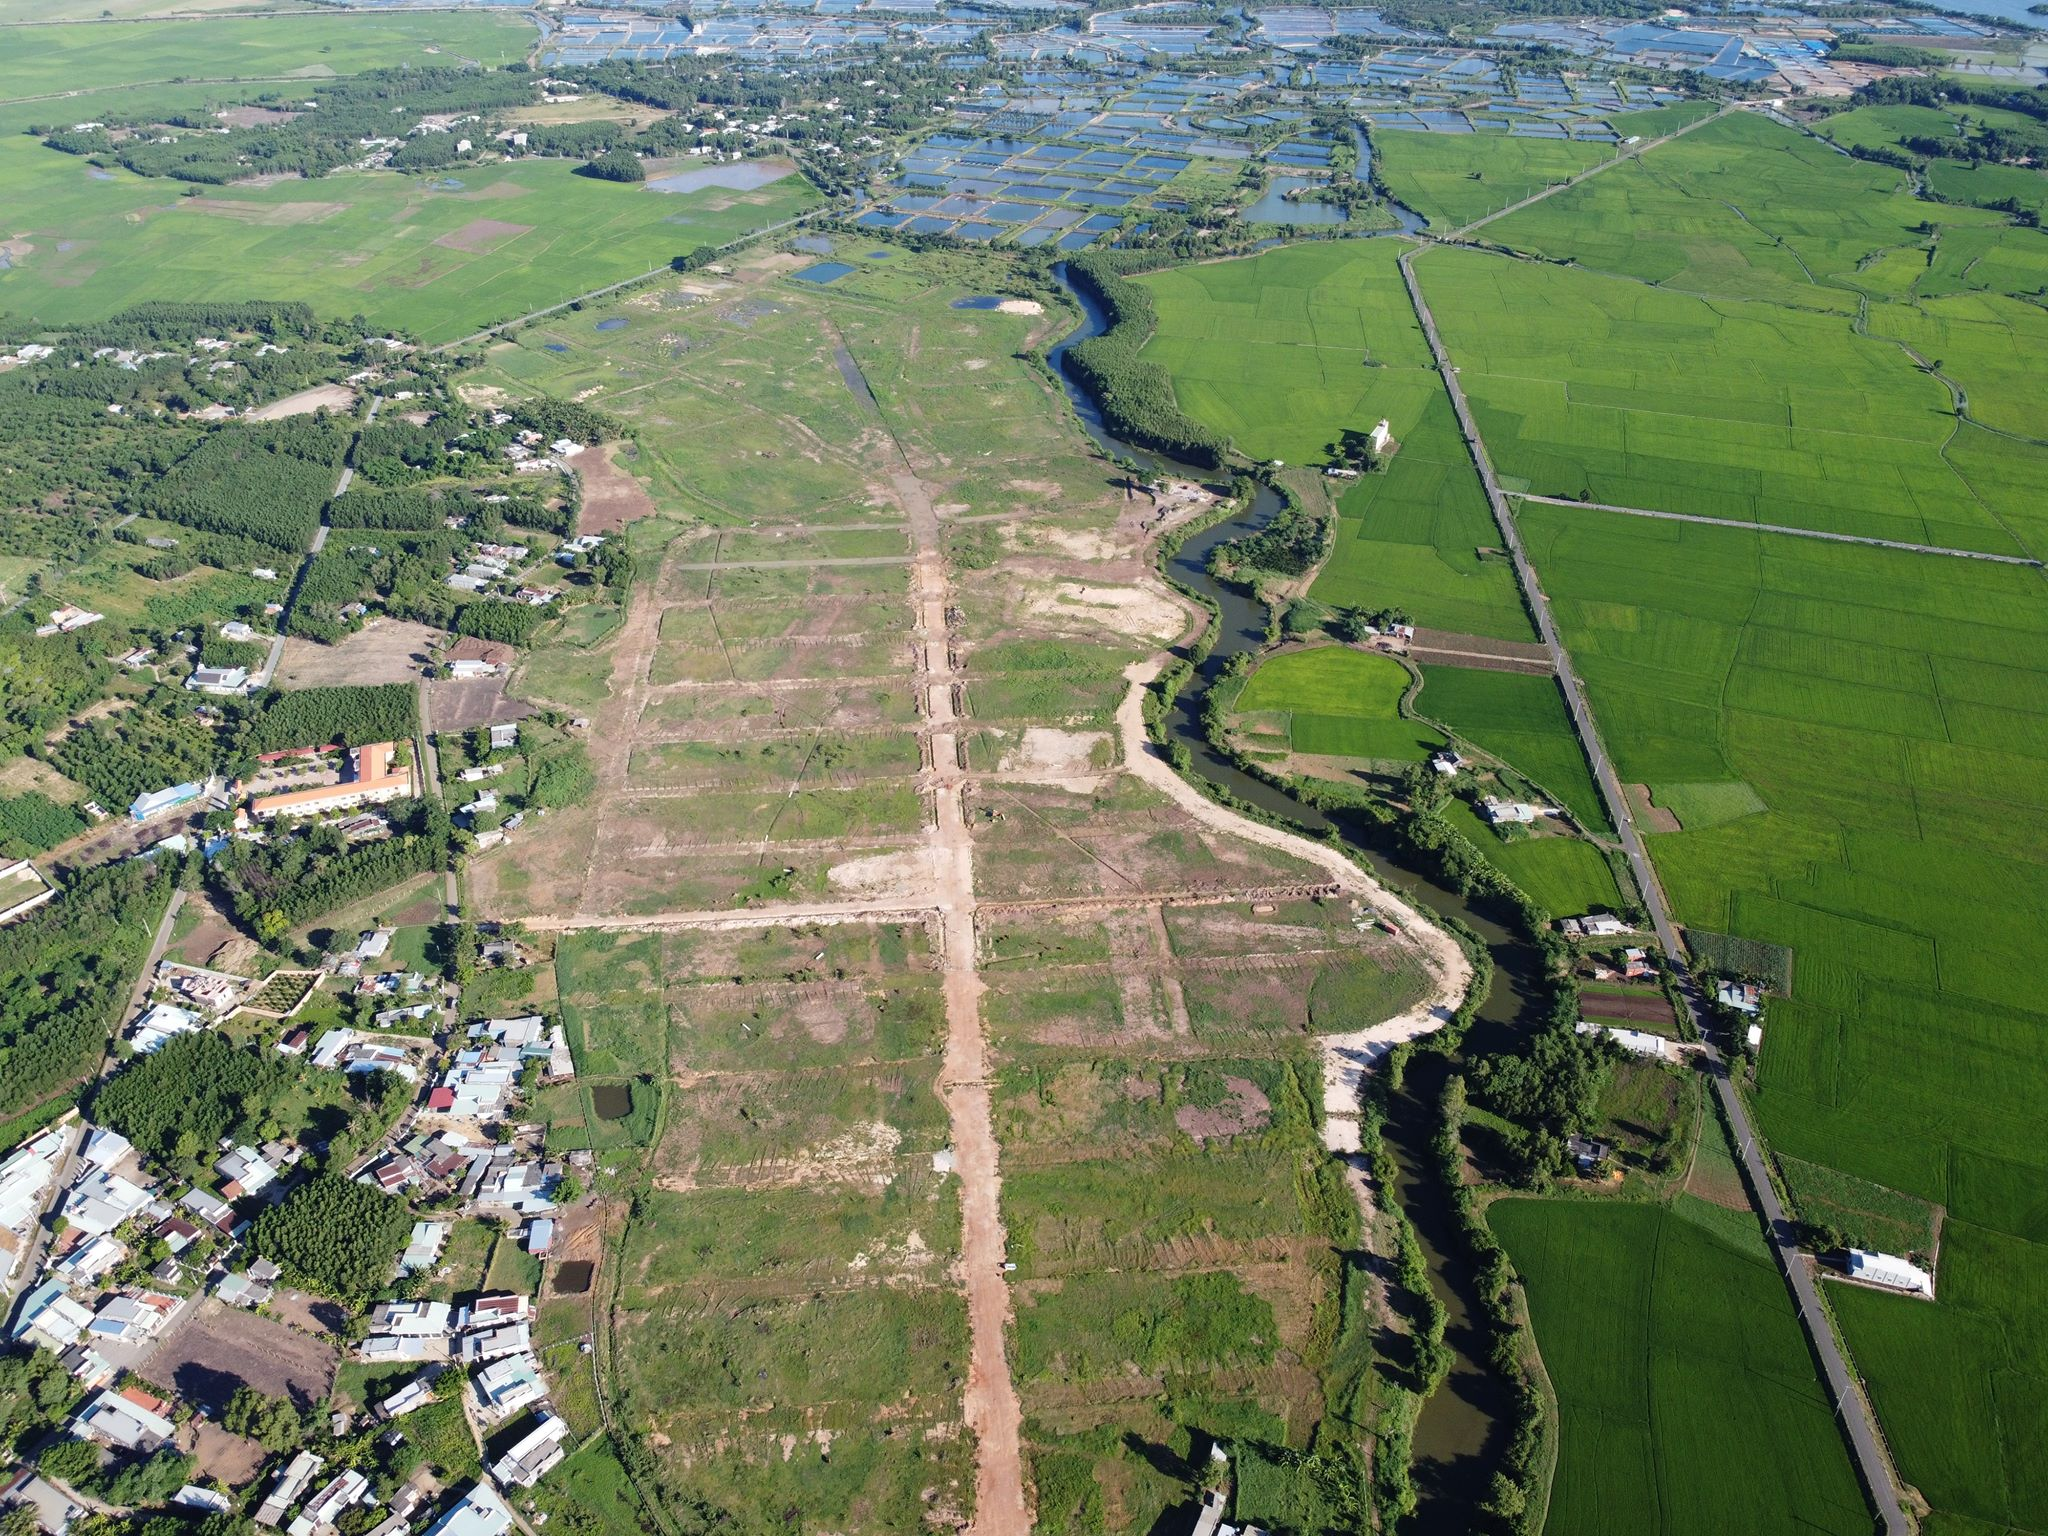 Công an tìm khách hàng mua dự án có dấu hiệu lừa đảo Hồ Tràm Riverside - Ảnh 1.